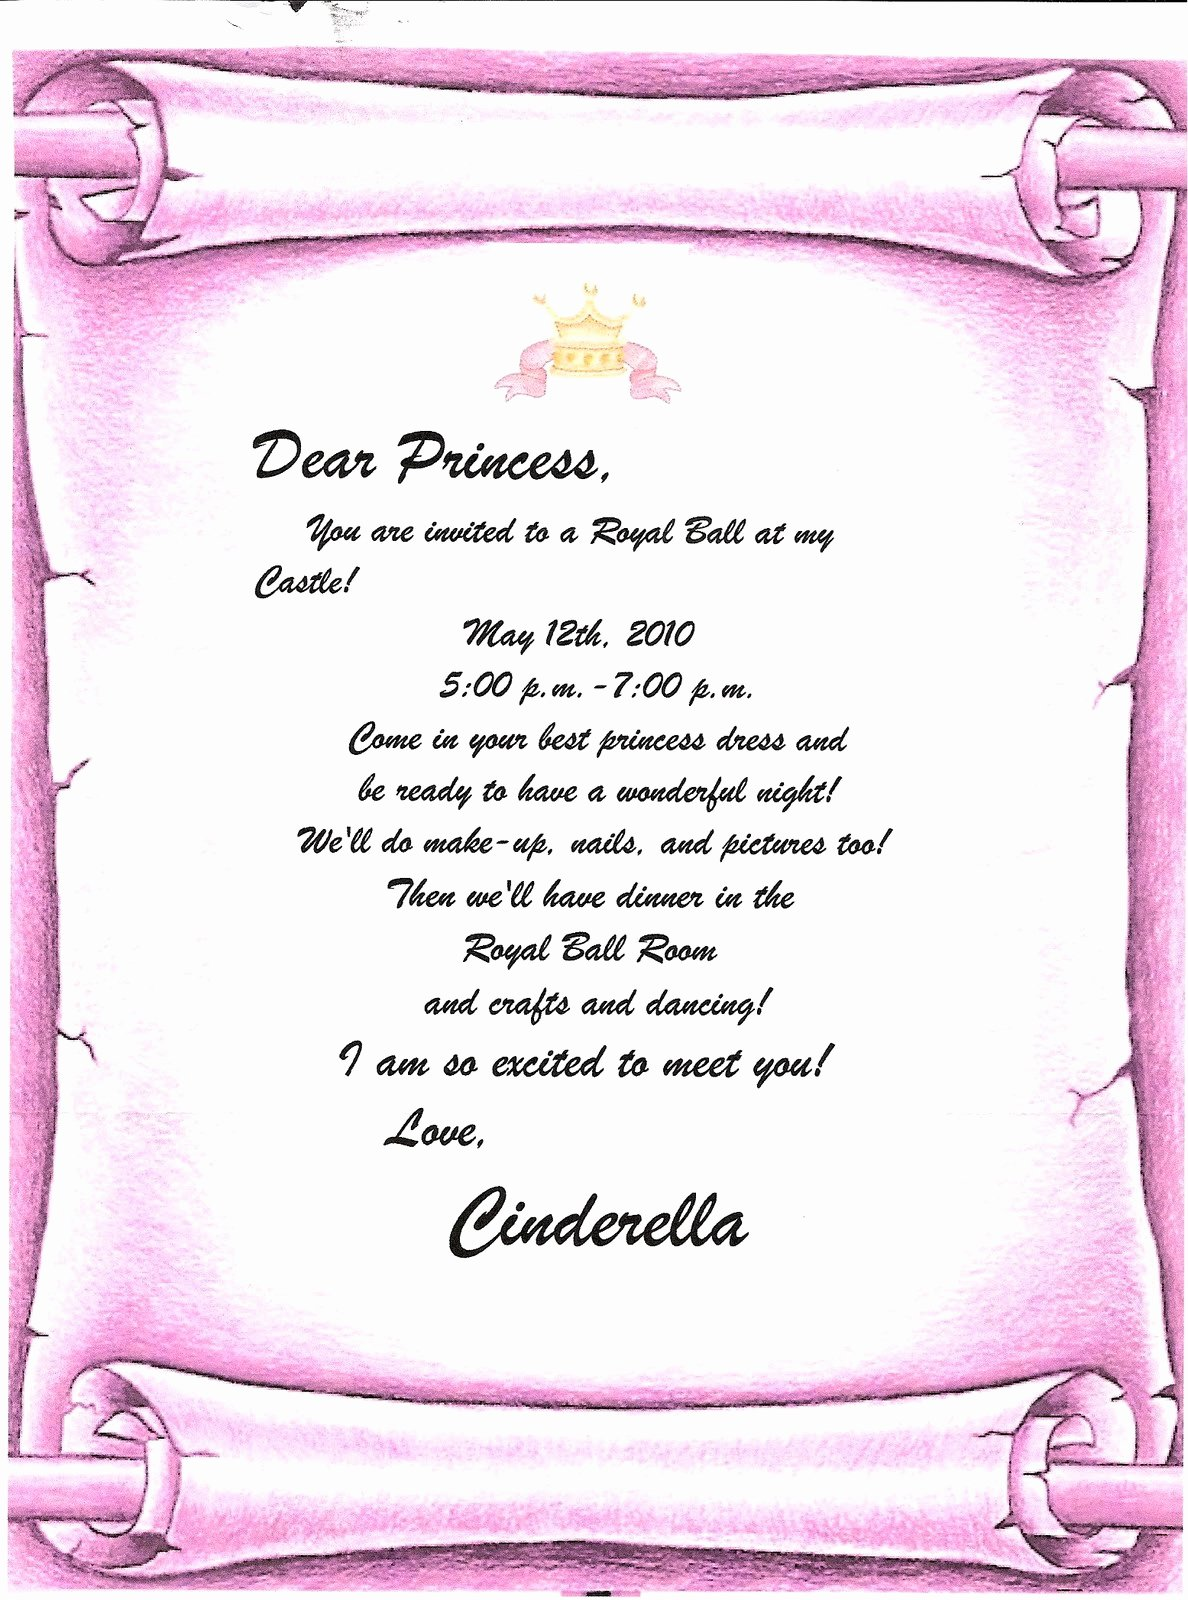 Cinderella Invitation Template Free Awesome Cinderella Castle Invitations